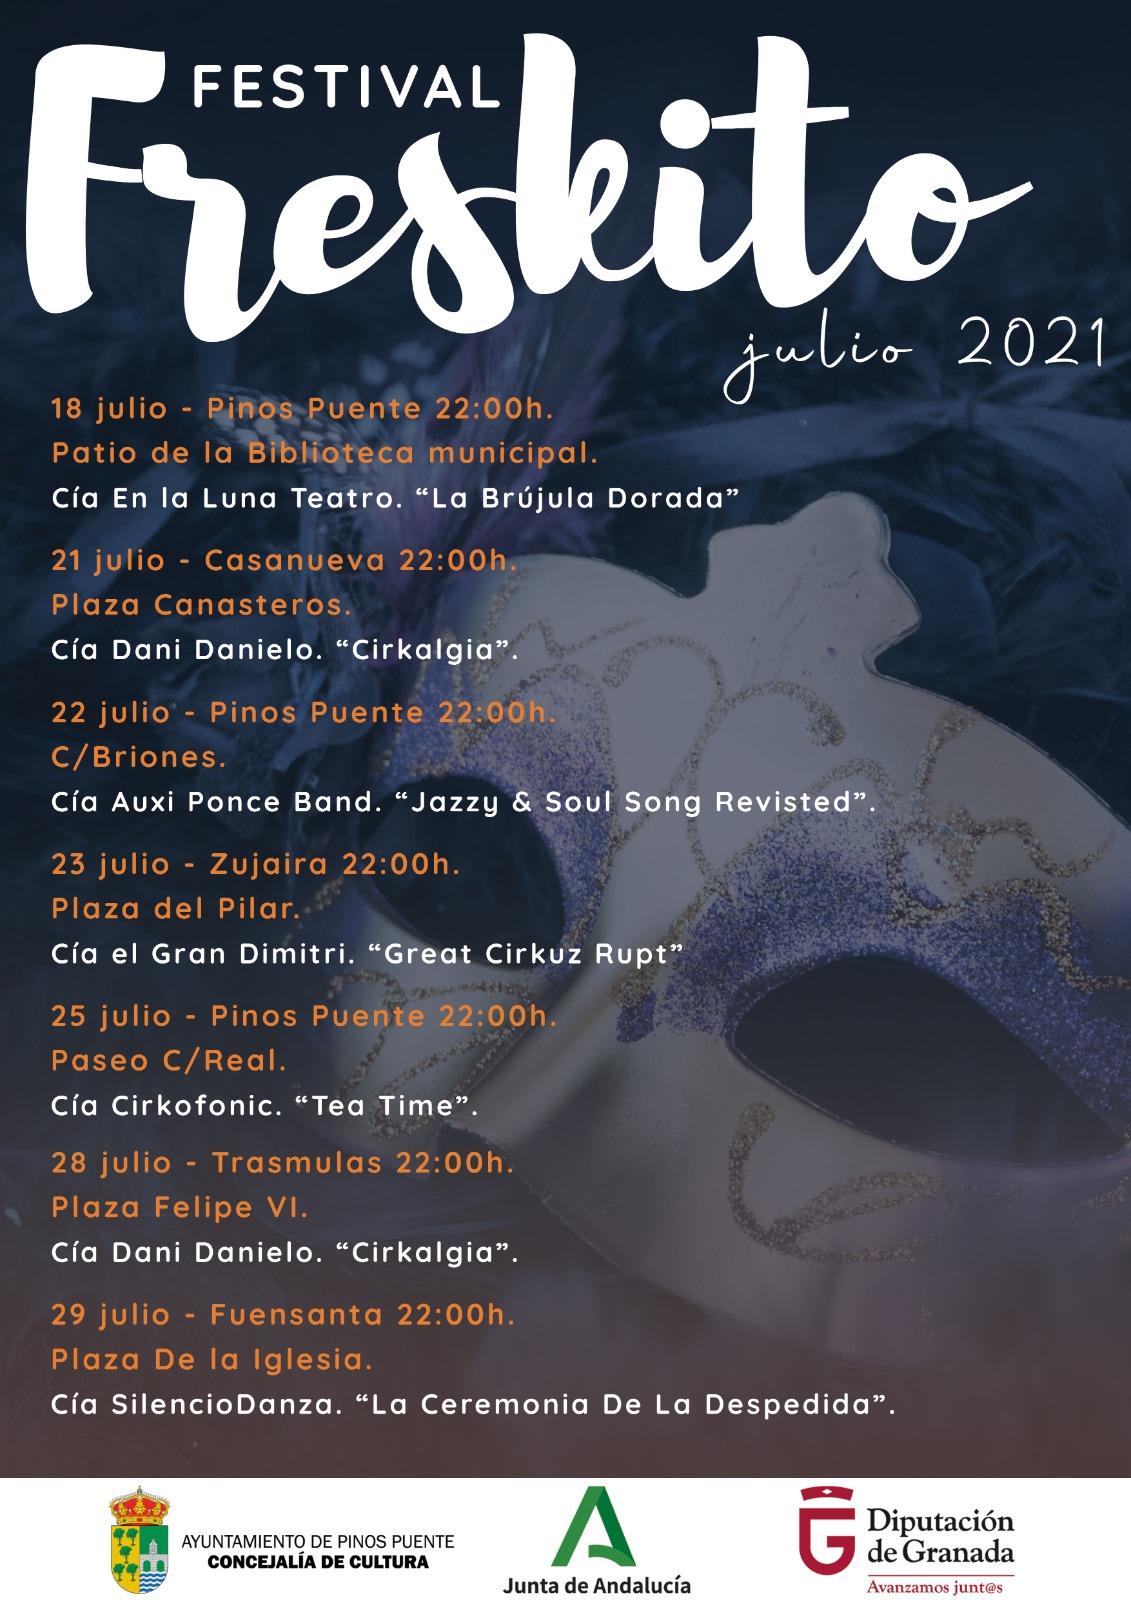 El festival Al Freskito vuelve a Pinos Puente a partir de este domingo